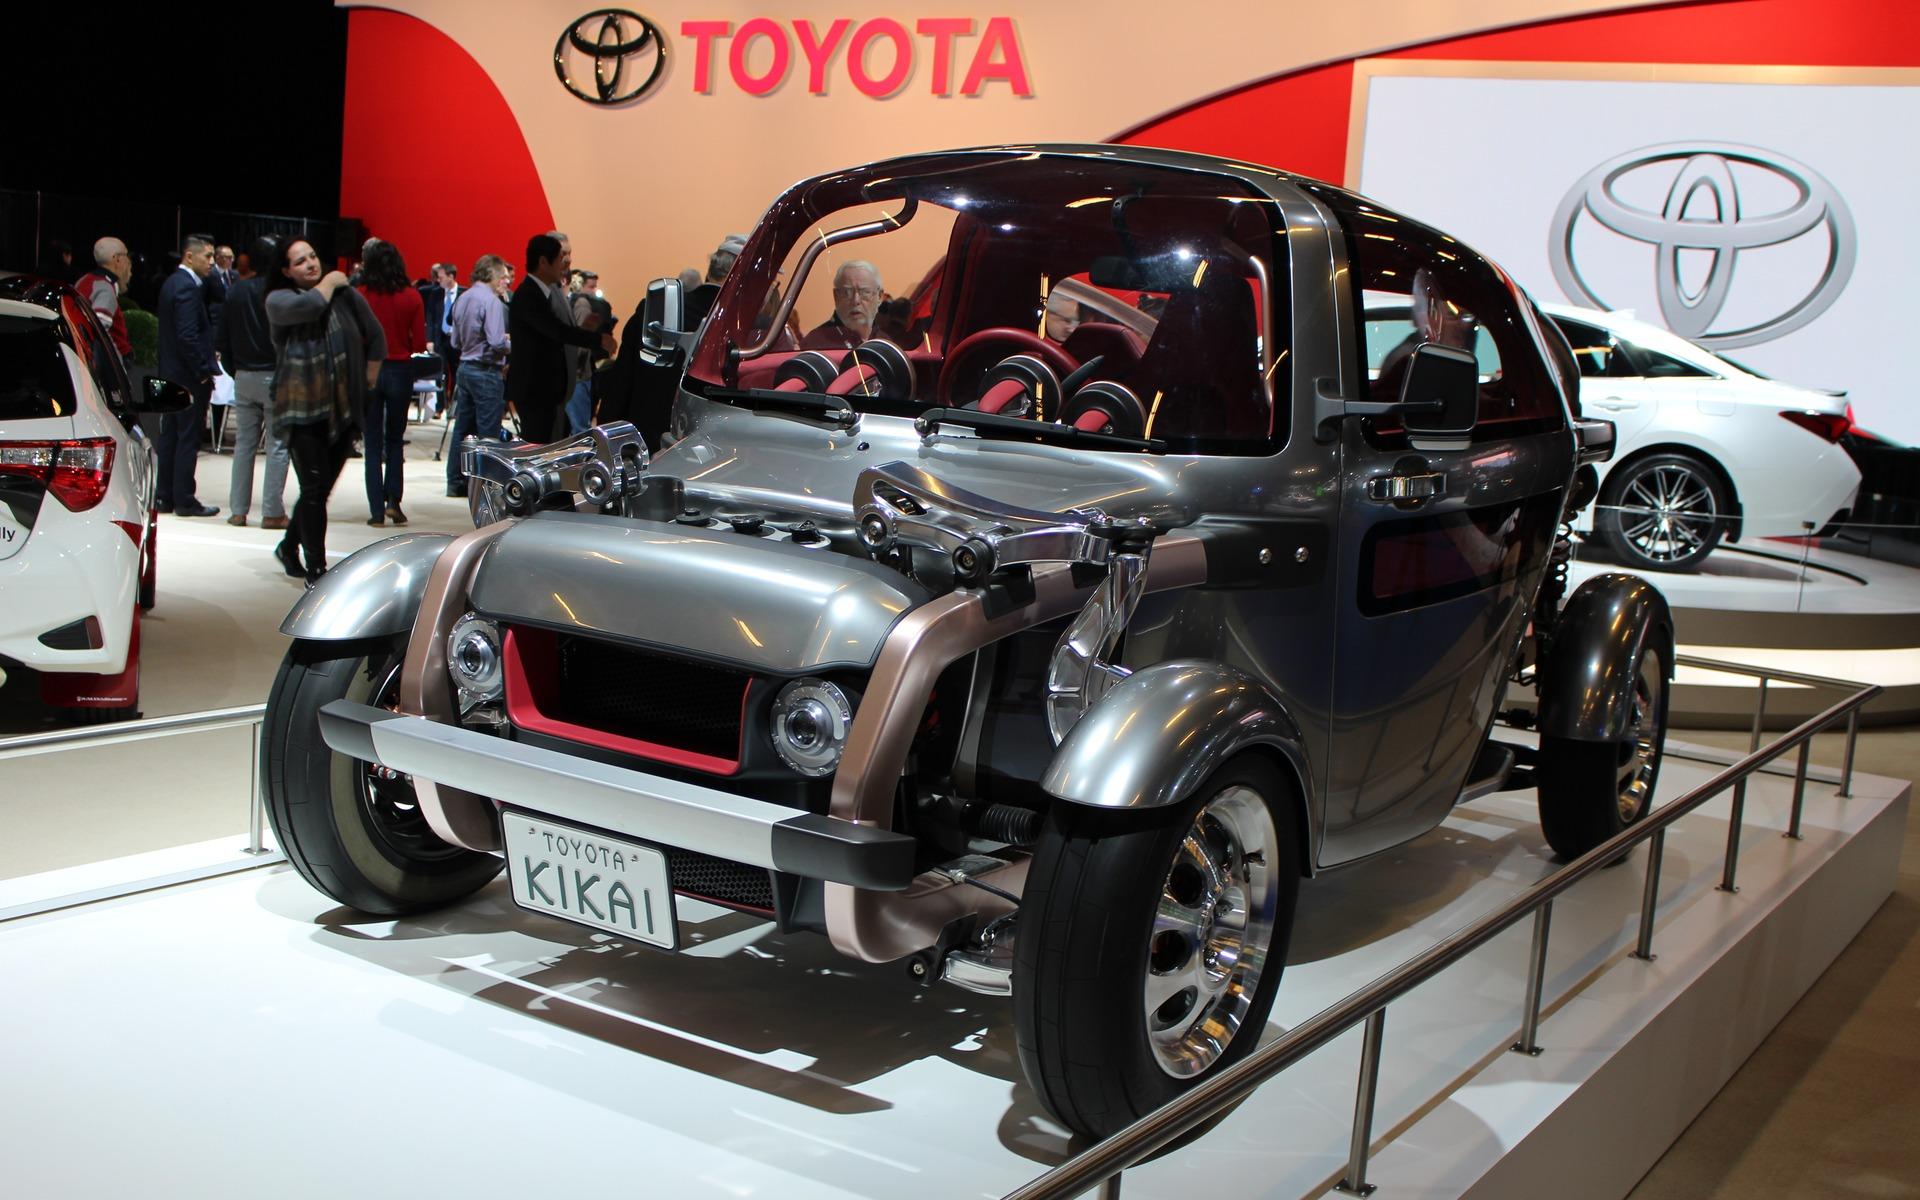 <p>Toyota Kikai</p>